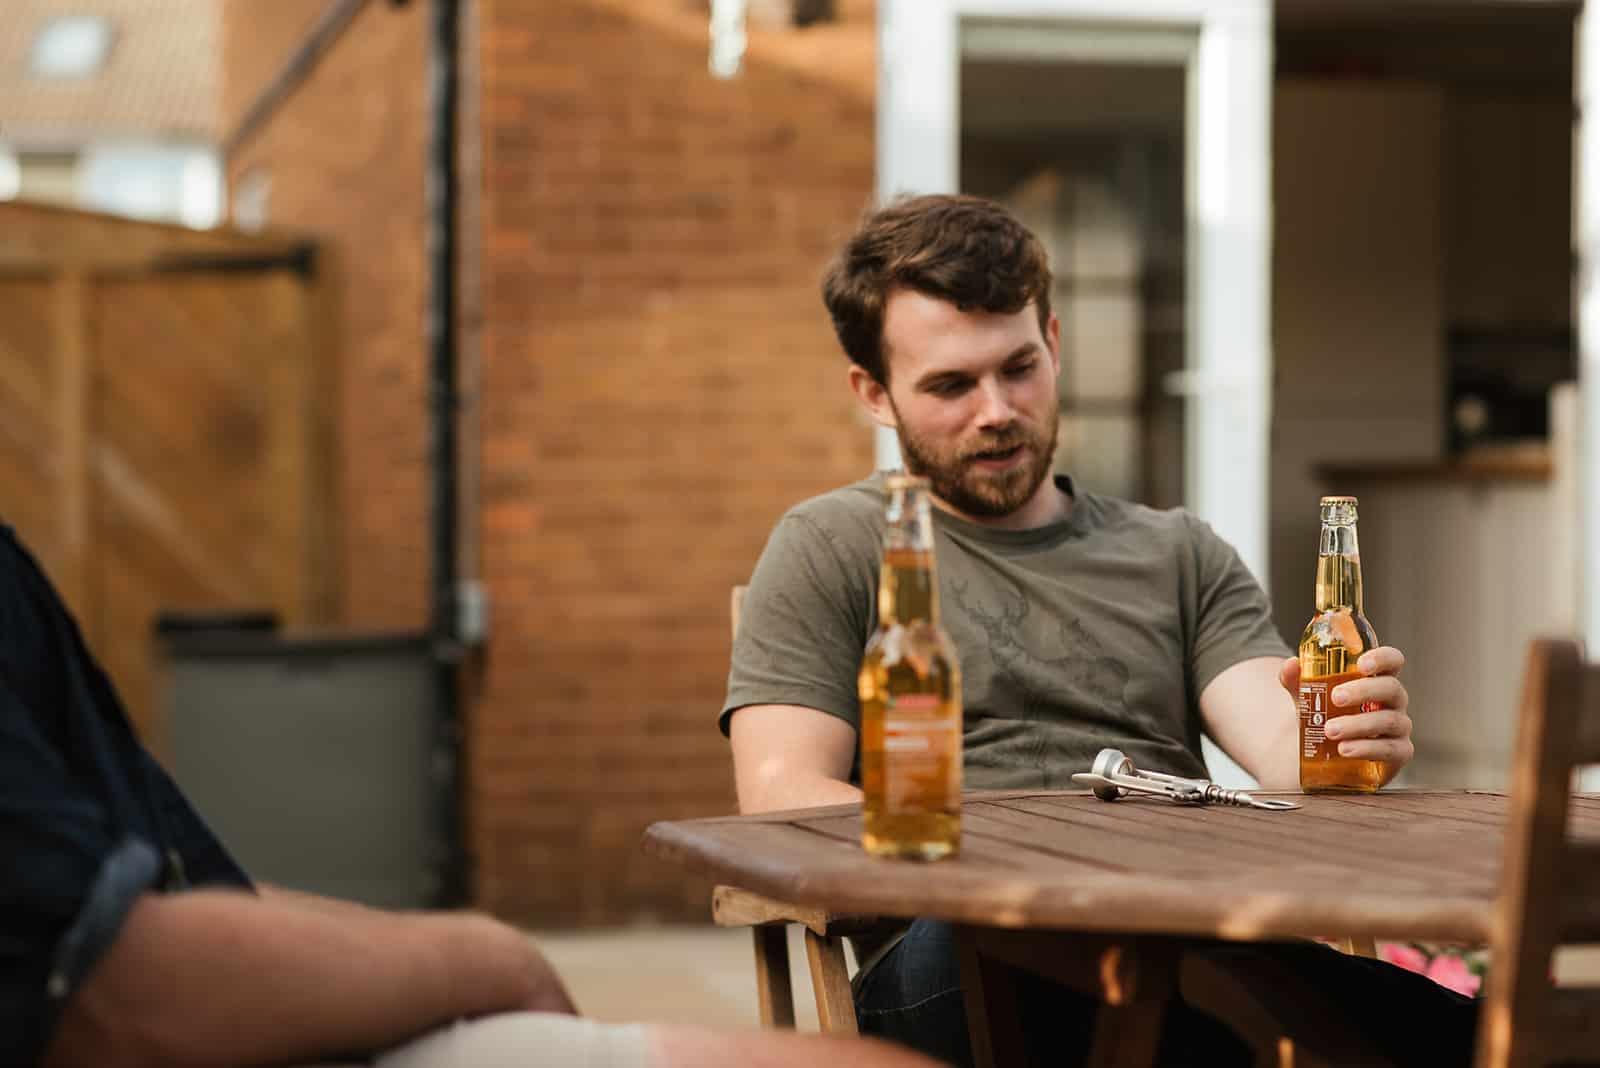 Ein bärtiger Mann, der Bier hält und mit Freunden sitzt